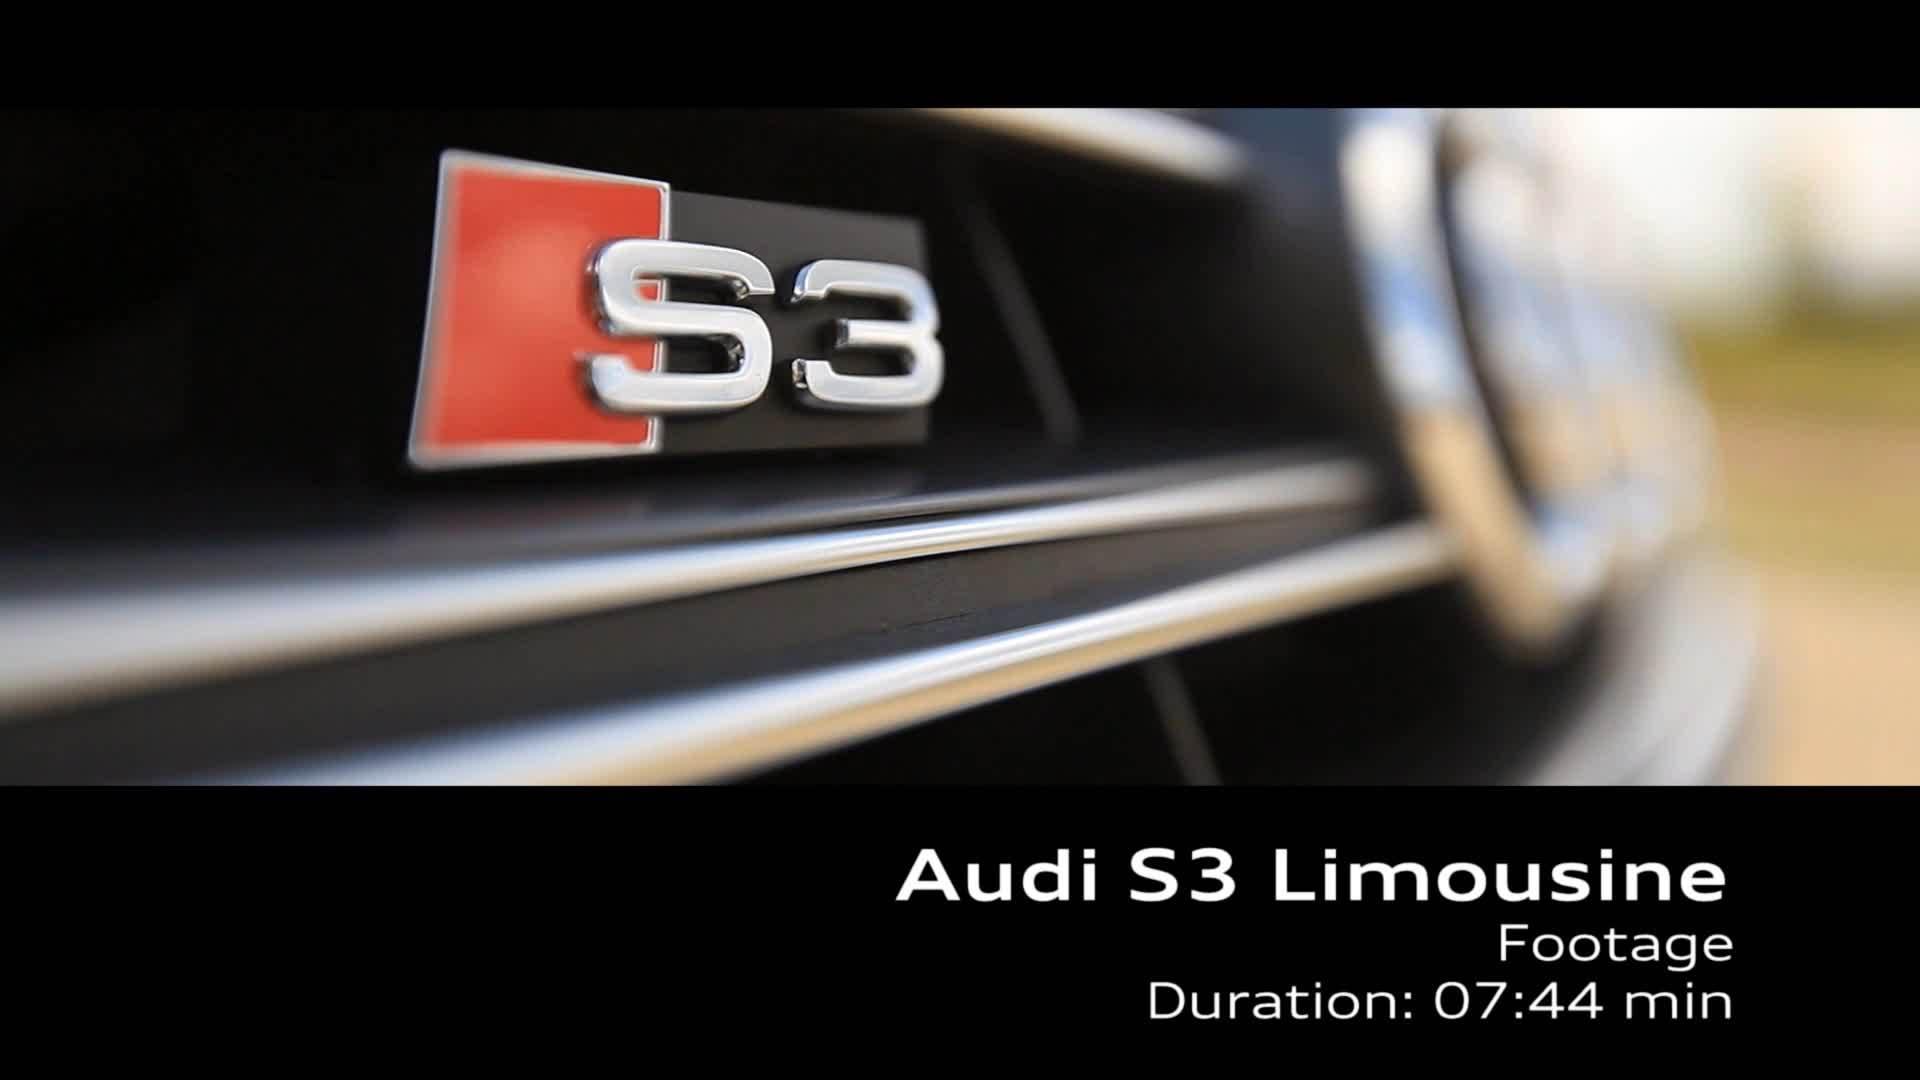 Audi S3 Limousine - Footage